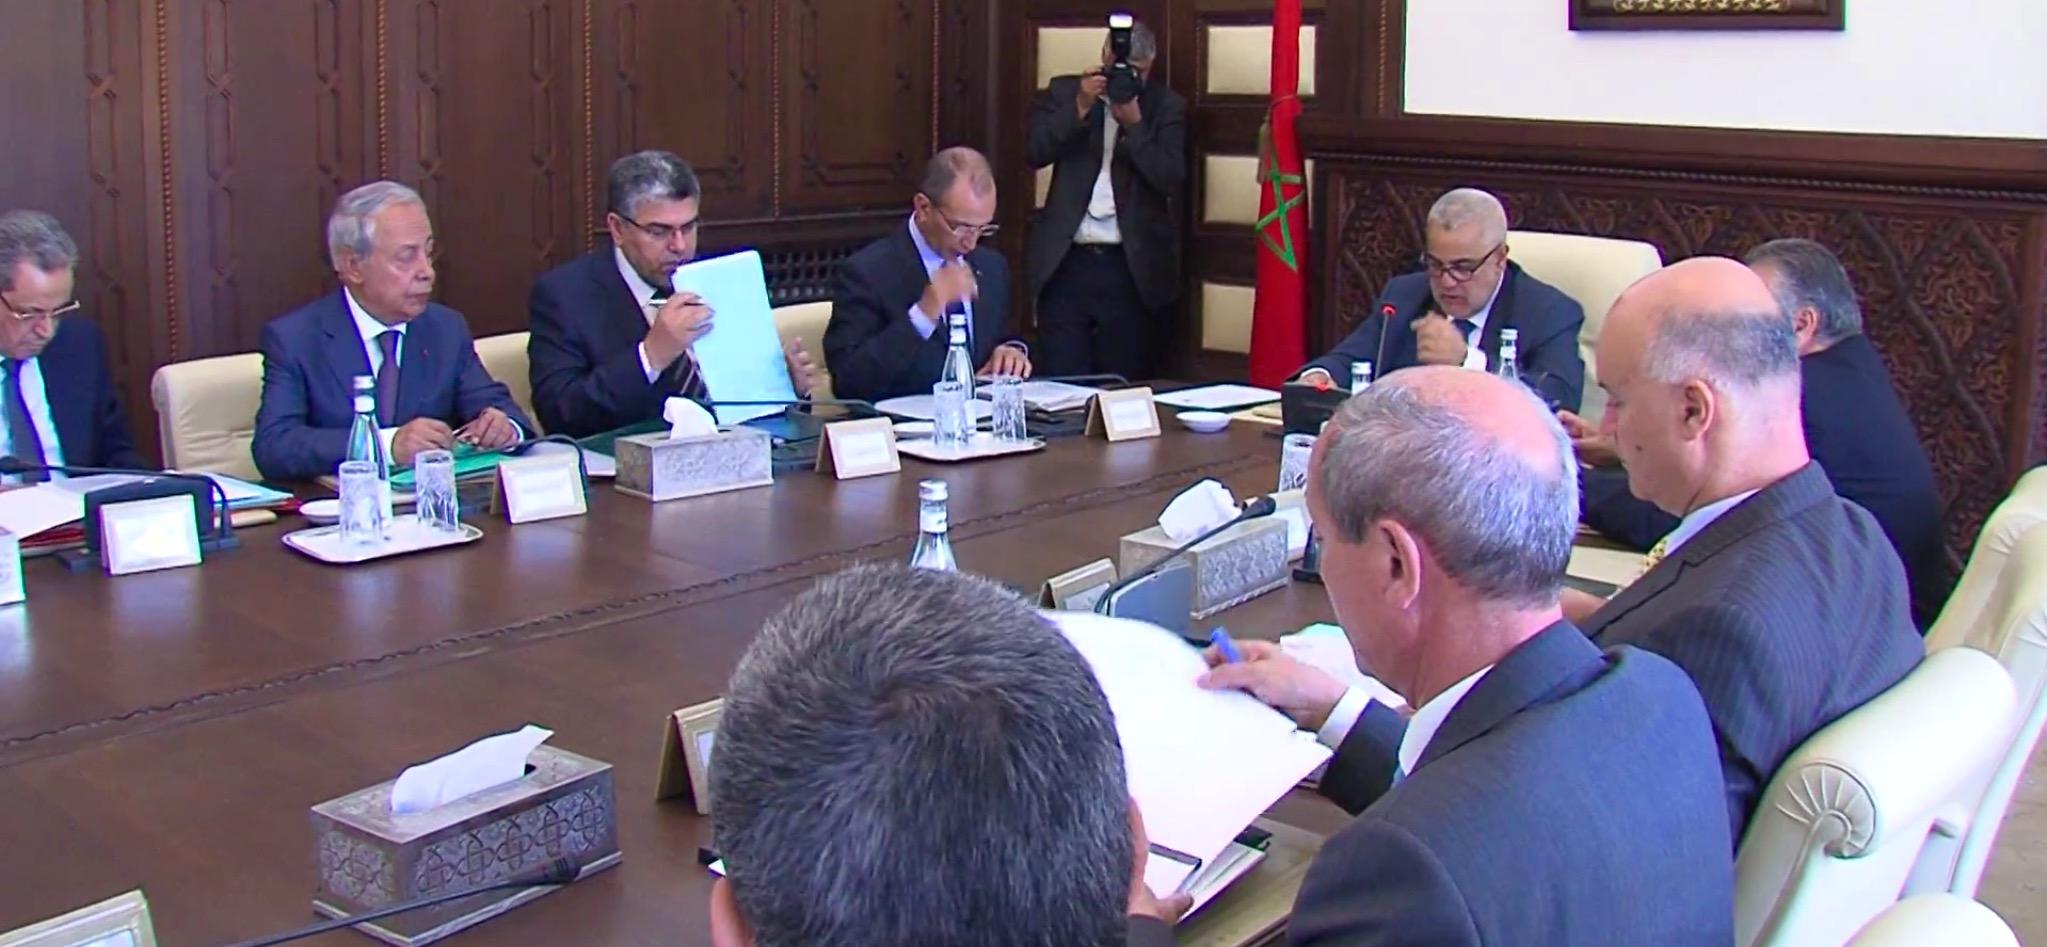 حكومة بنكيران تترك قوانين تنظيمية عالقة